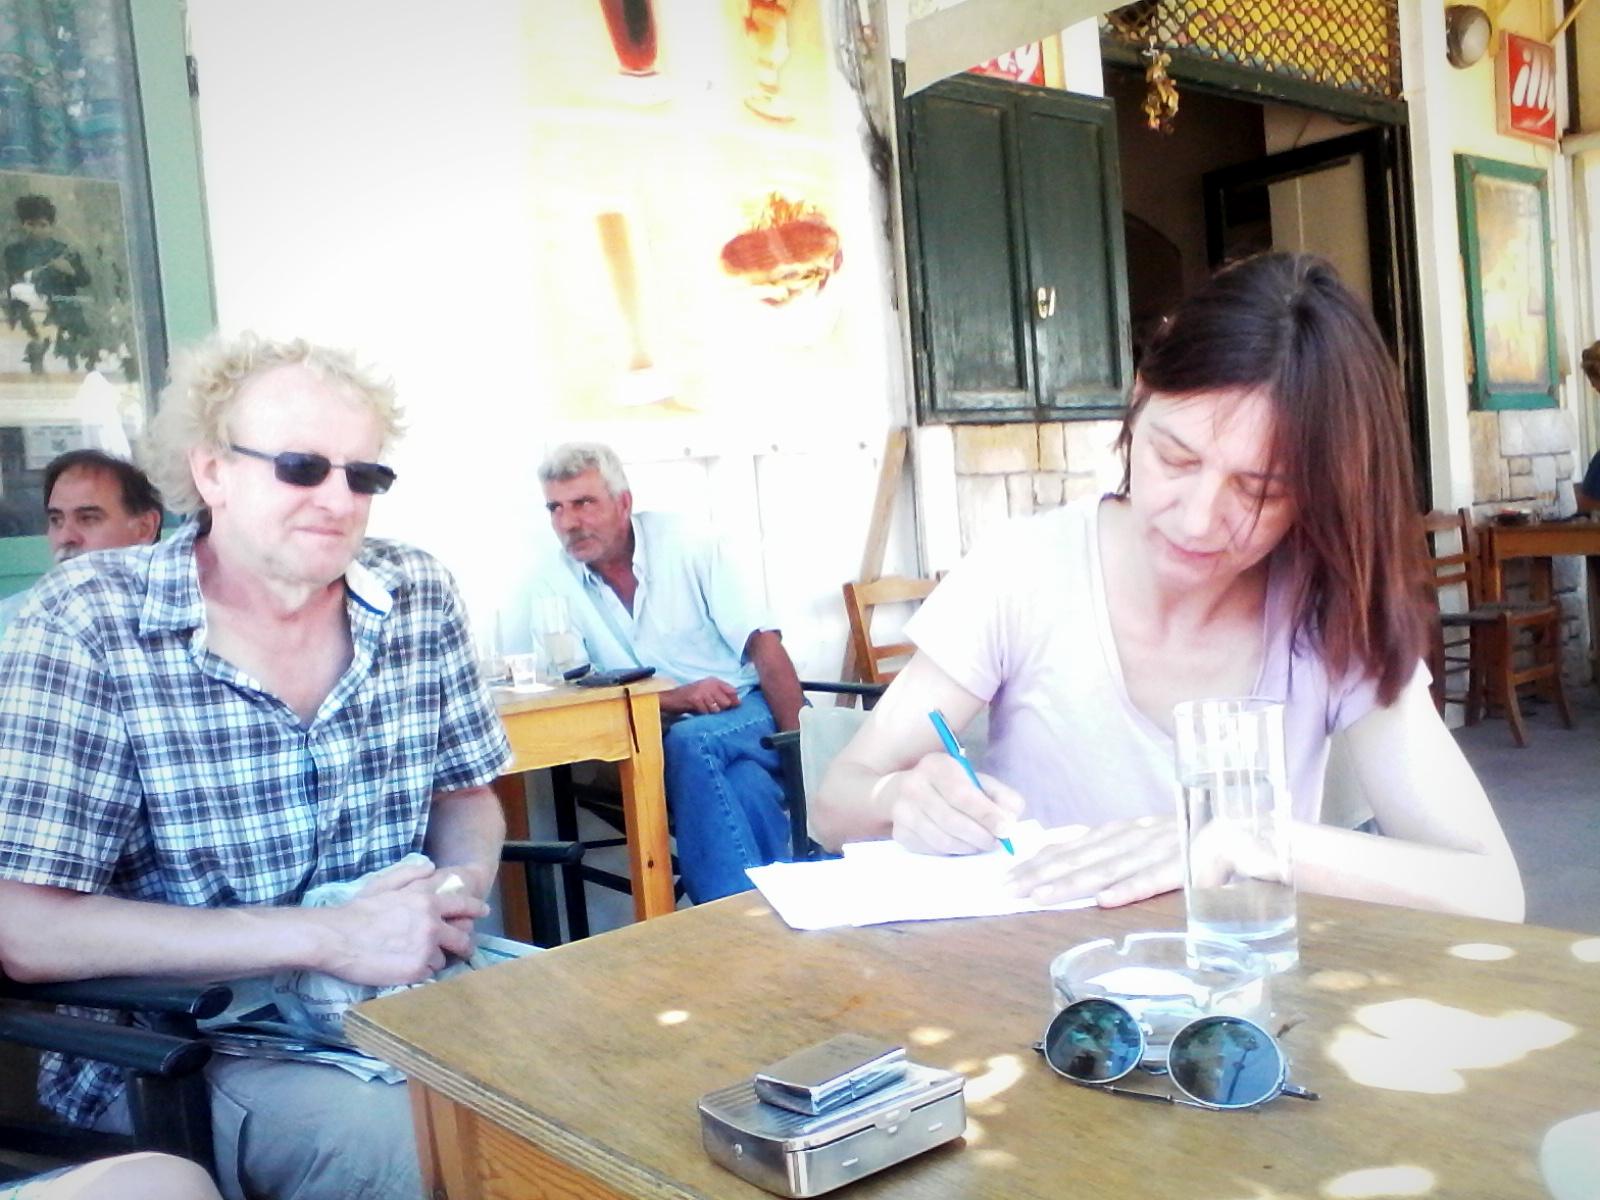 Kreta bilder und nachrichten des tages radio kreta for Redaktion spiegel